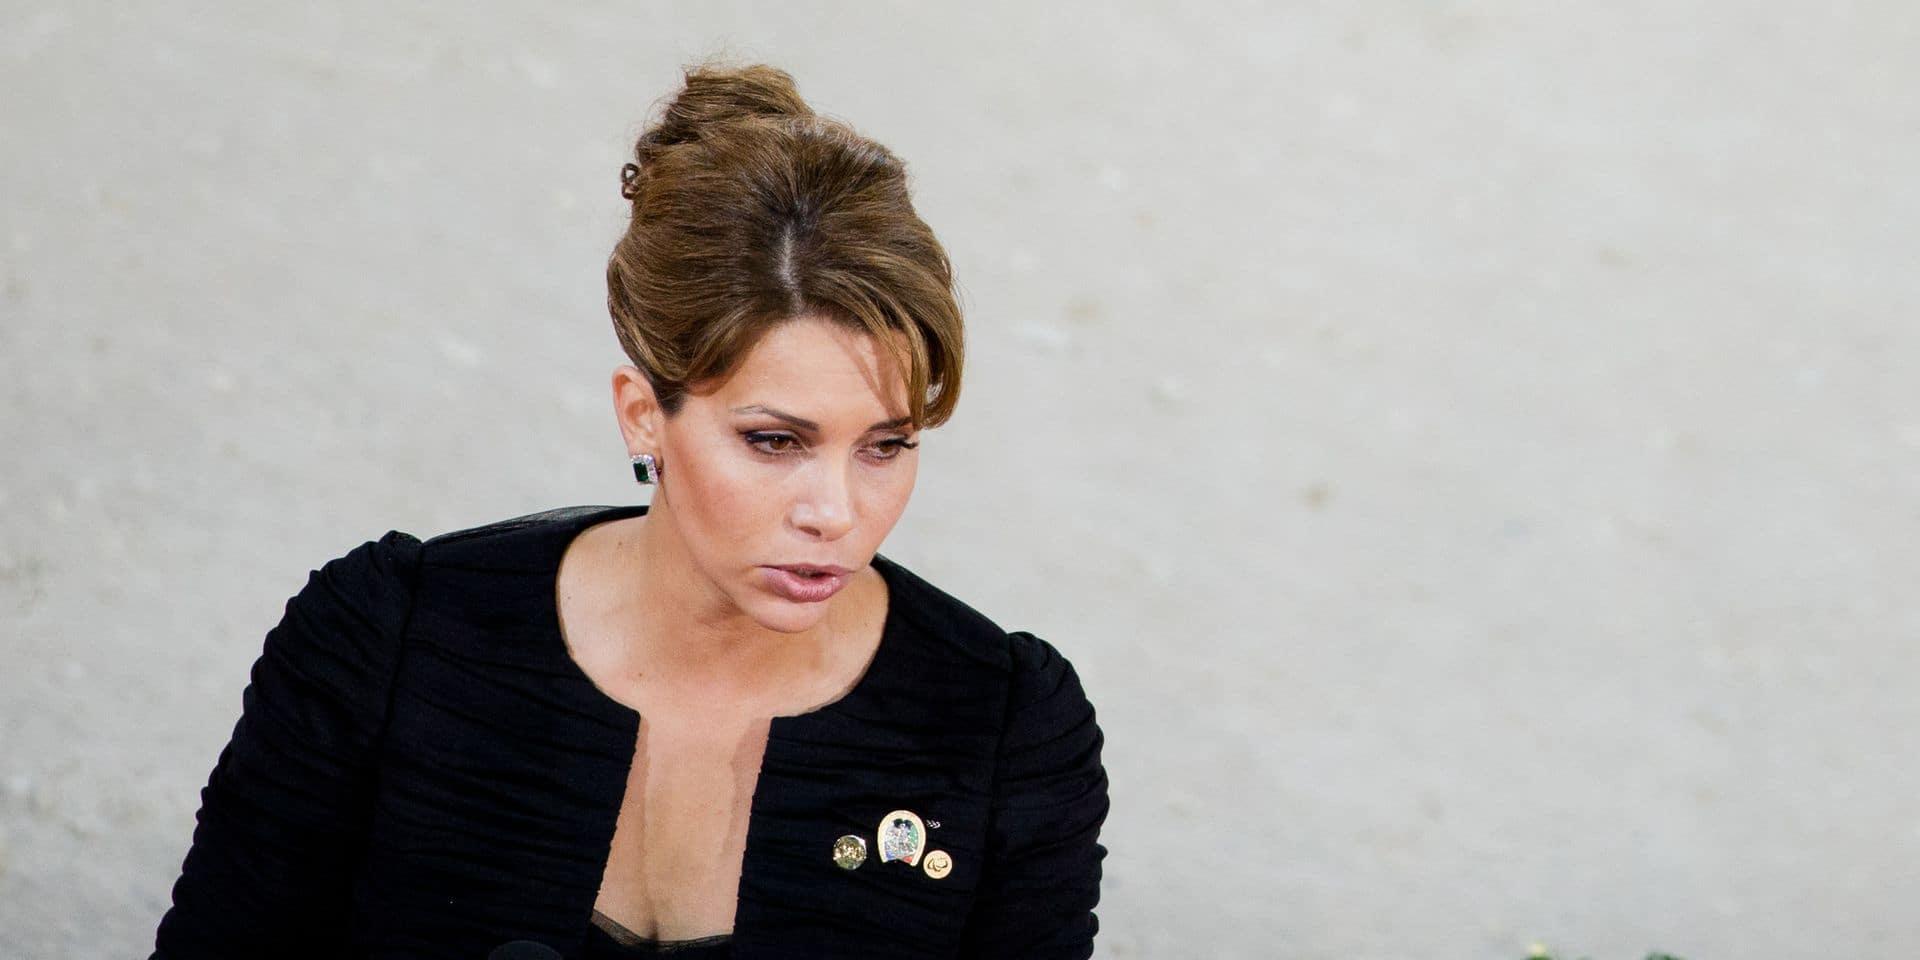 La princesse Haya de Jordanie peut compter sur le soutien de son frère dans la bataille contre son mari